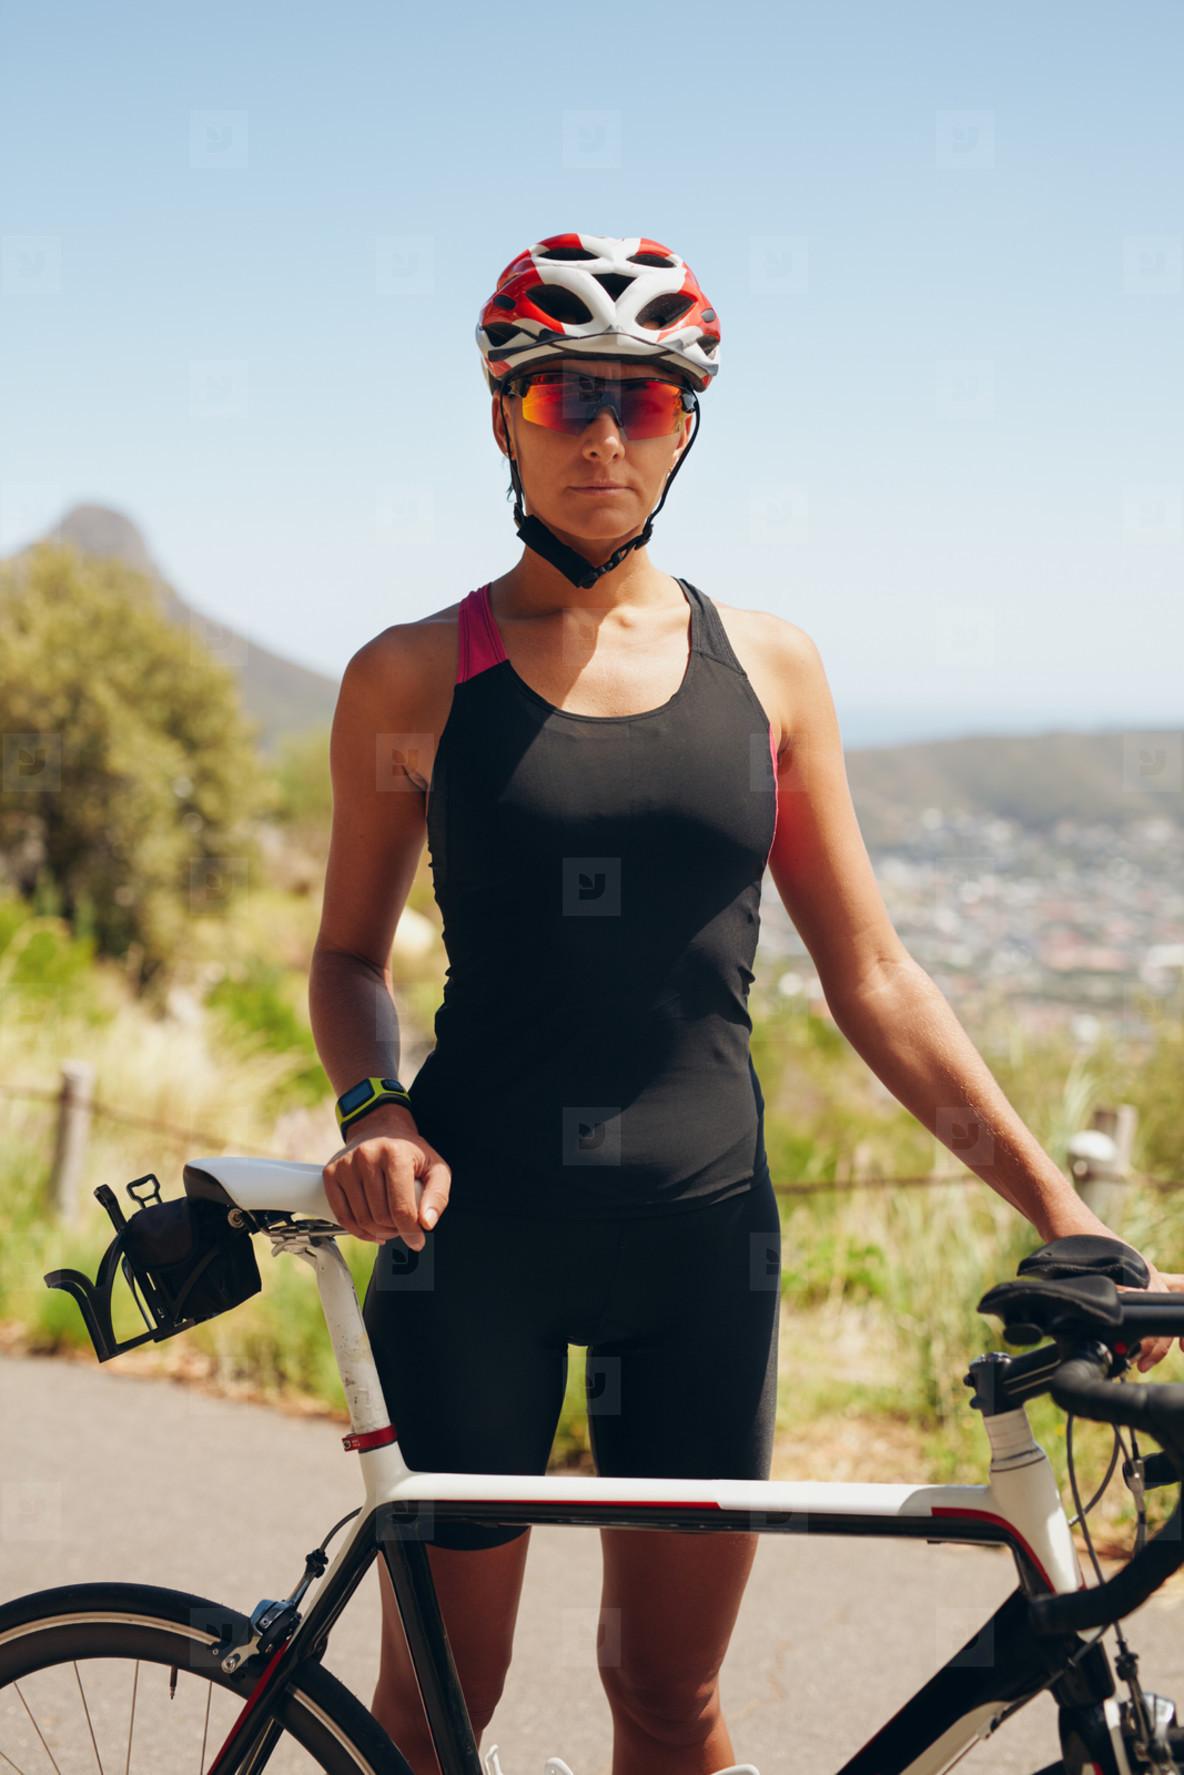 Female cyclist preparing for triathlon